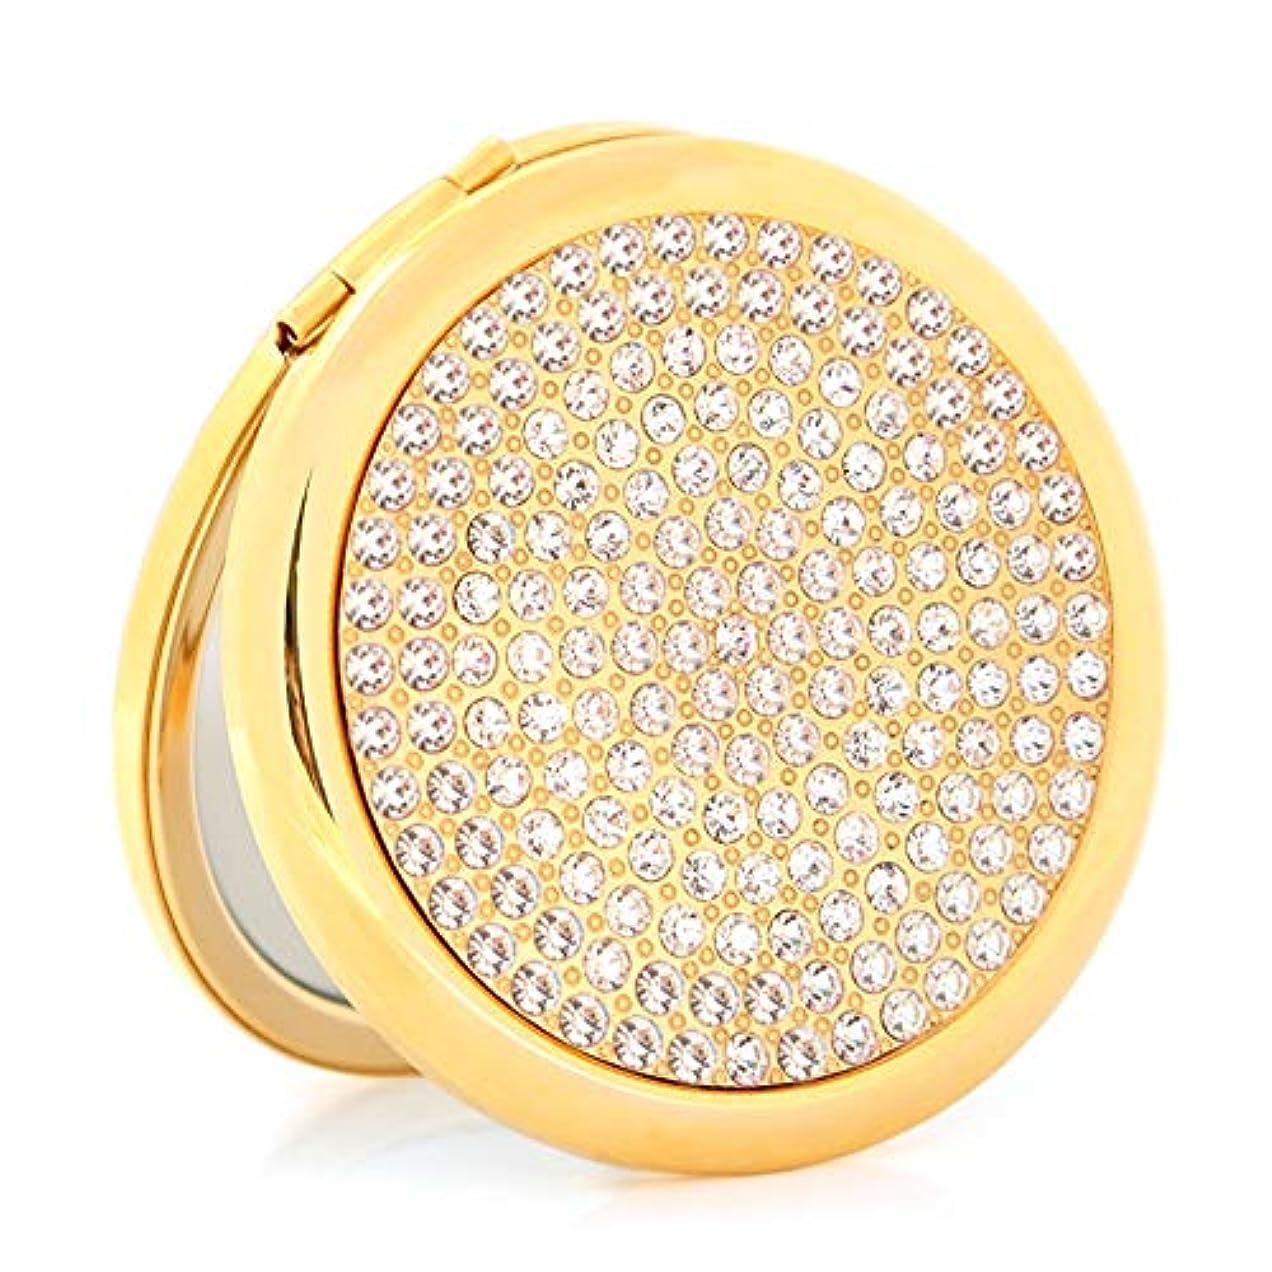 ユダヤ人真珠のようなおとこ流行の フルドリル折りたたみ化粧鏡両面ポータブルポータブルドレッシングレトロ鏡バレンタインの日ギフト小さな鏡 (色 : Gold)